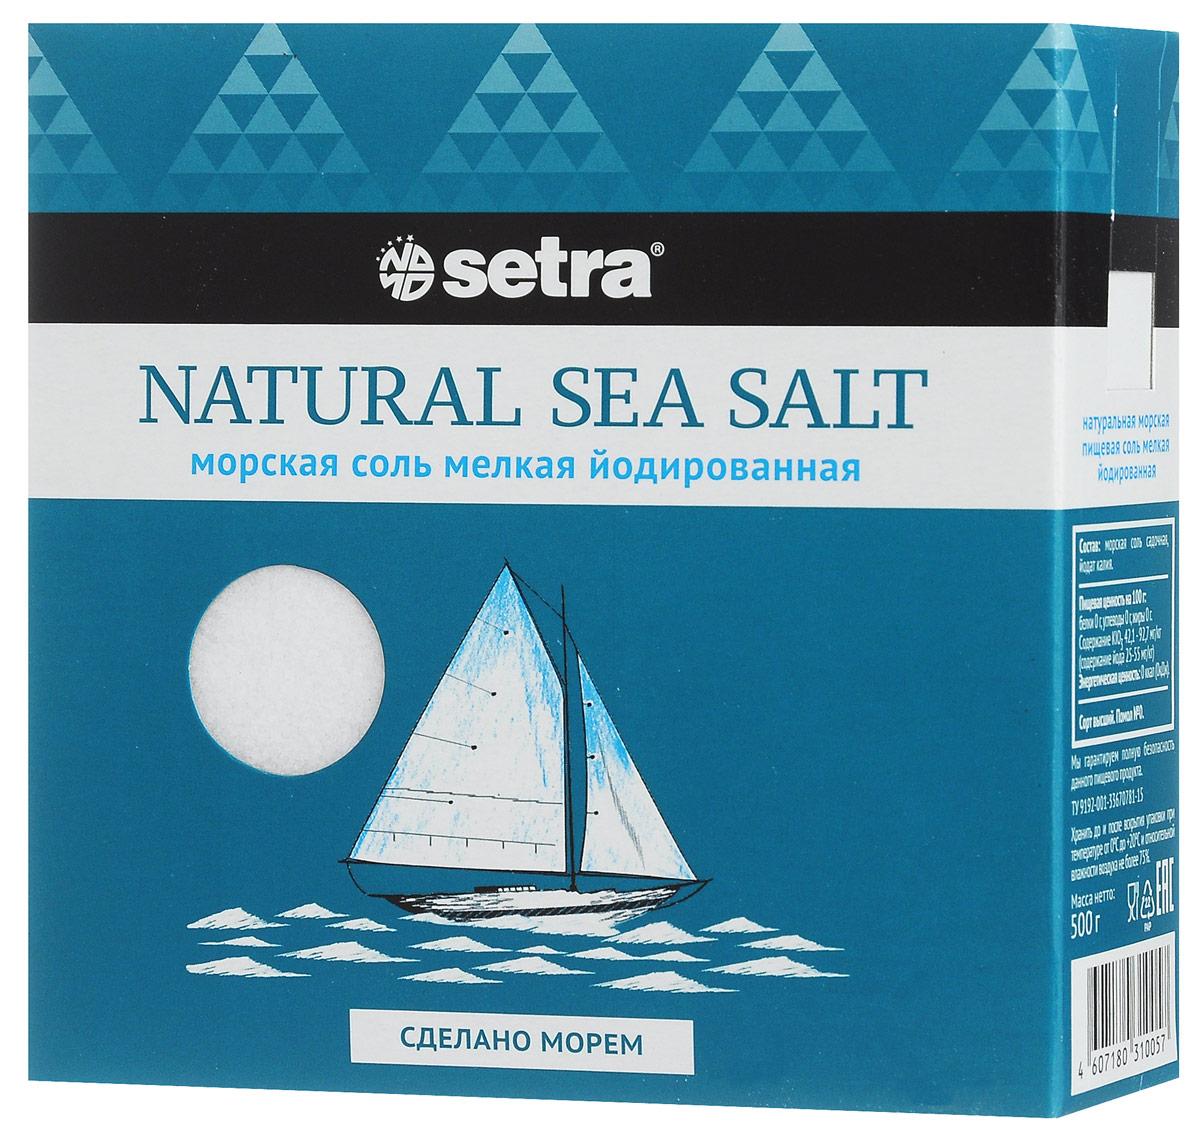 Setra соль морская мелкая йодированная, 500 г соль setra морская мелкая йодированная 500 г